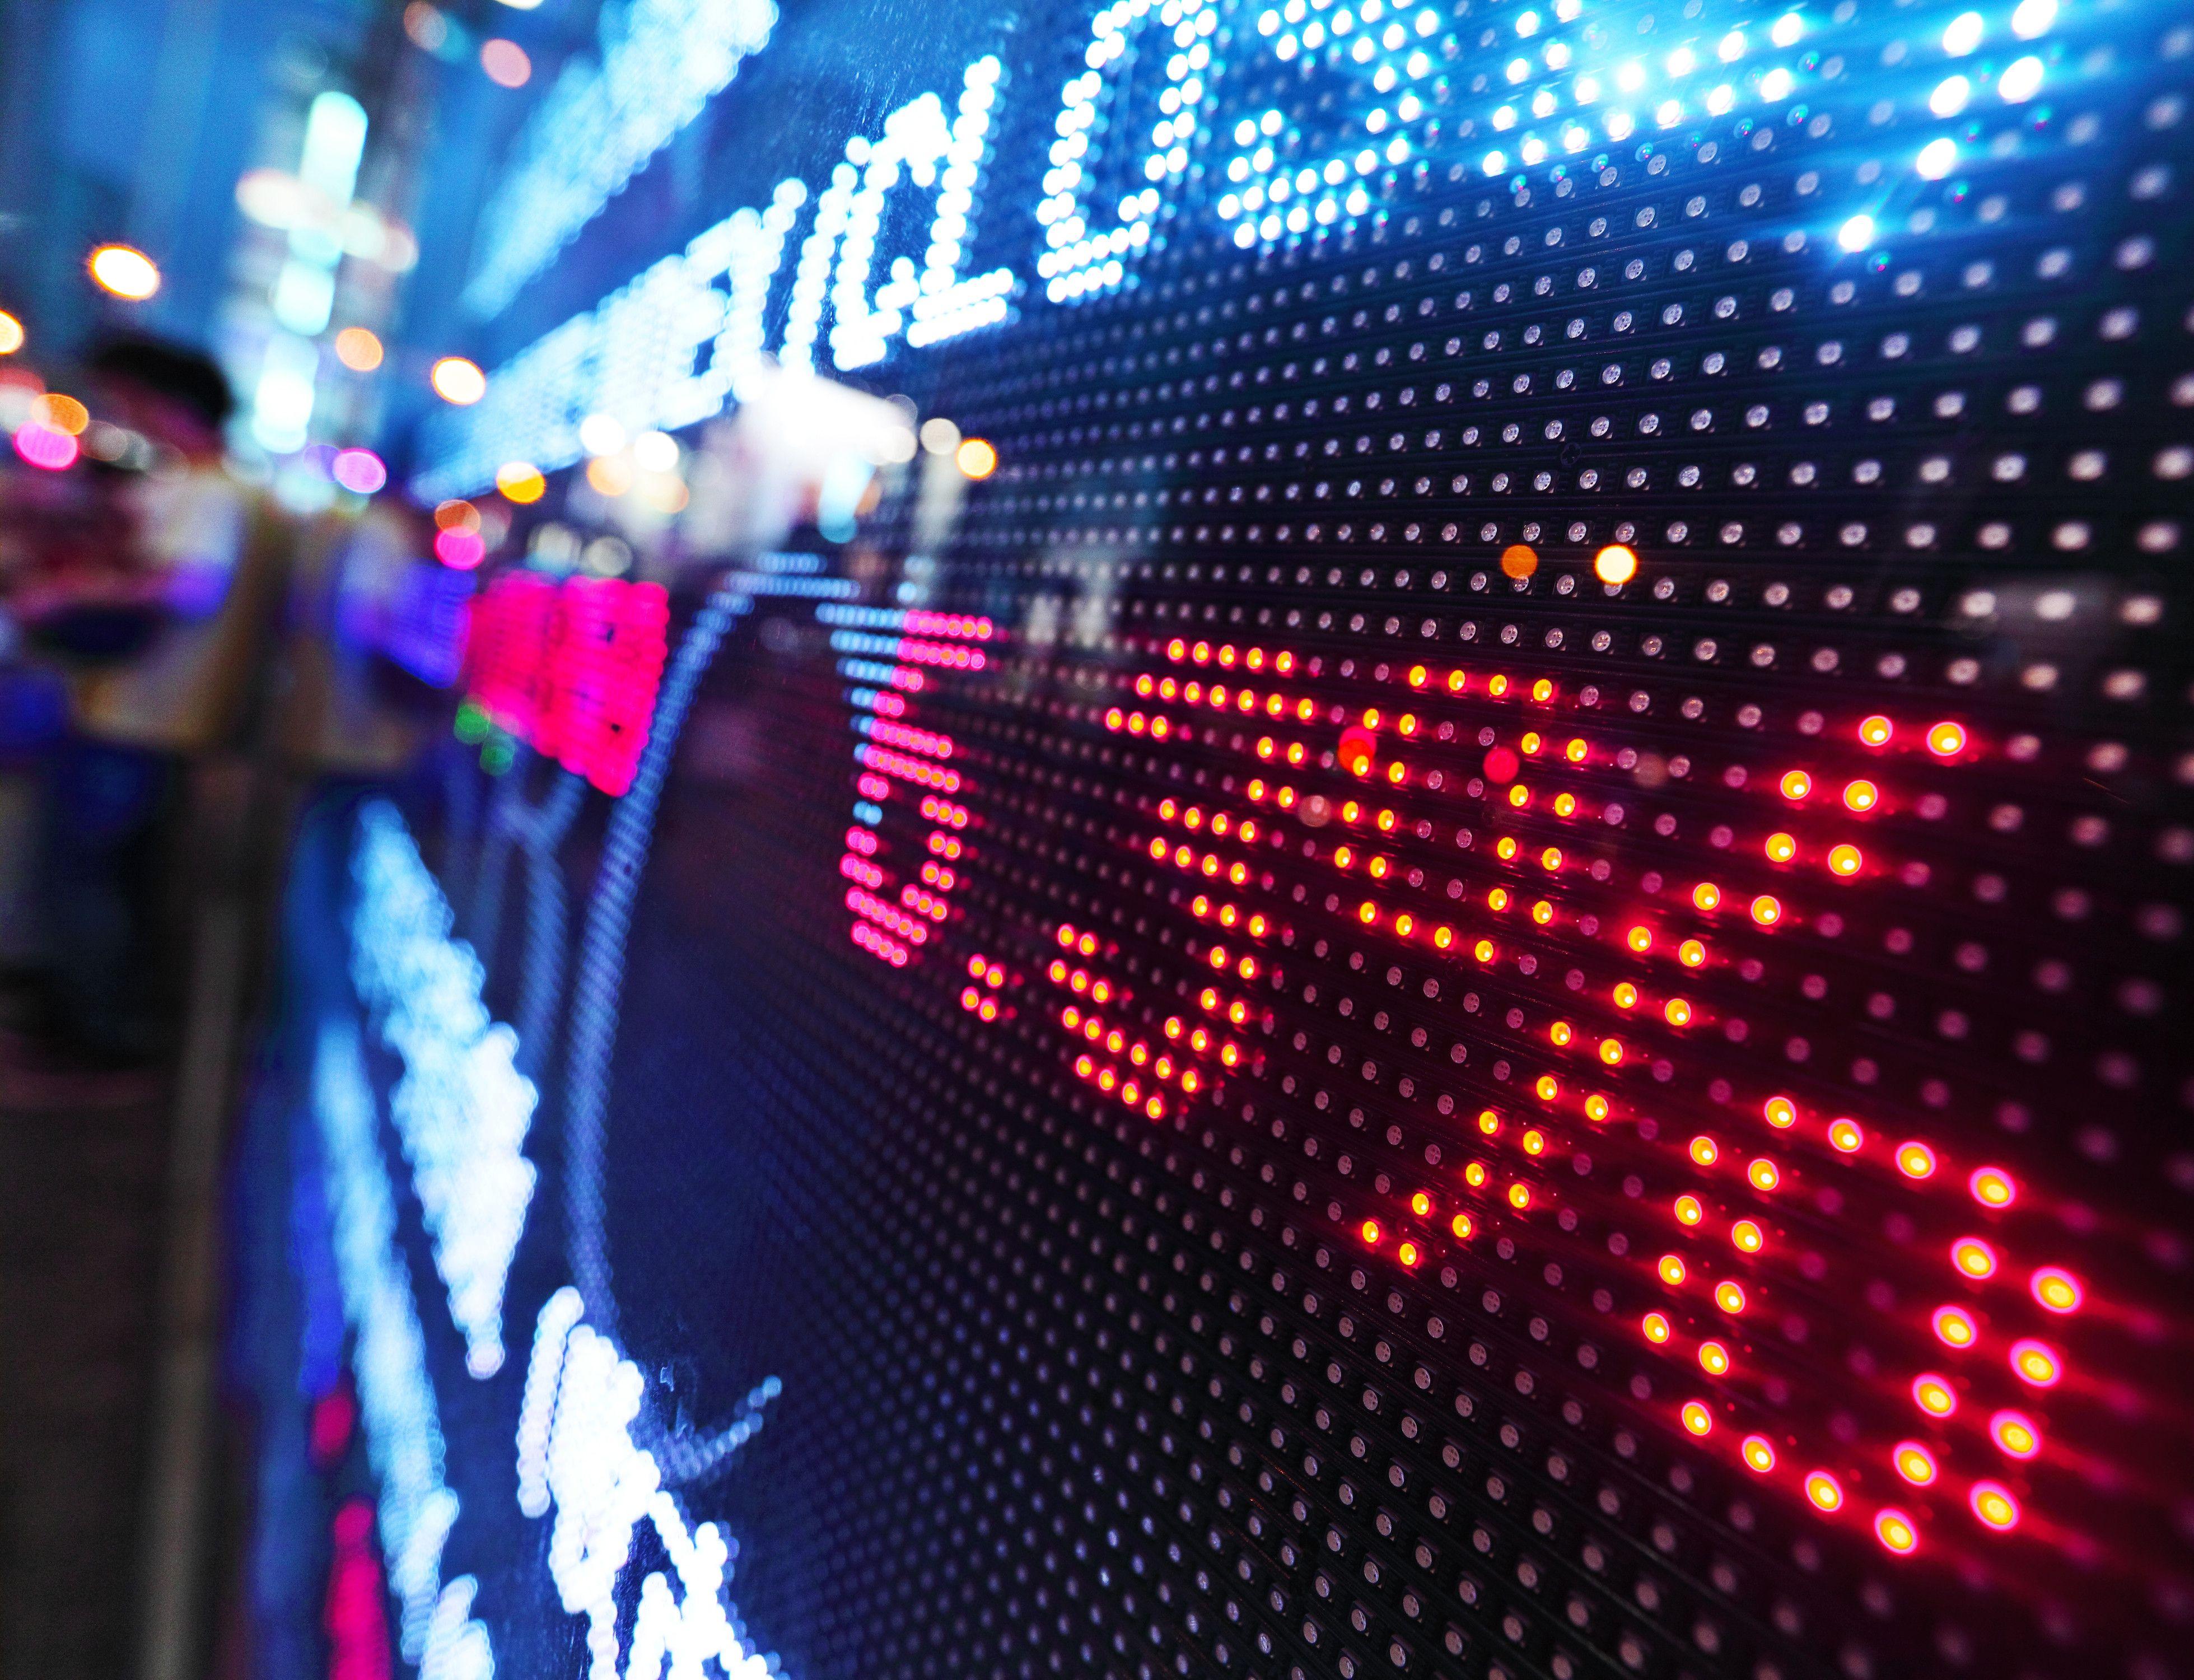 Lietuvos rinkoje � naujas finans� tarpininkas, kuriam vadovauja buv�s bankininkas